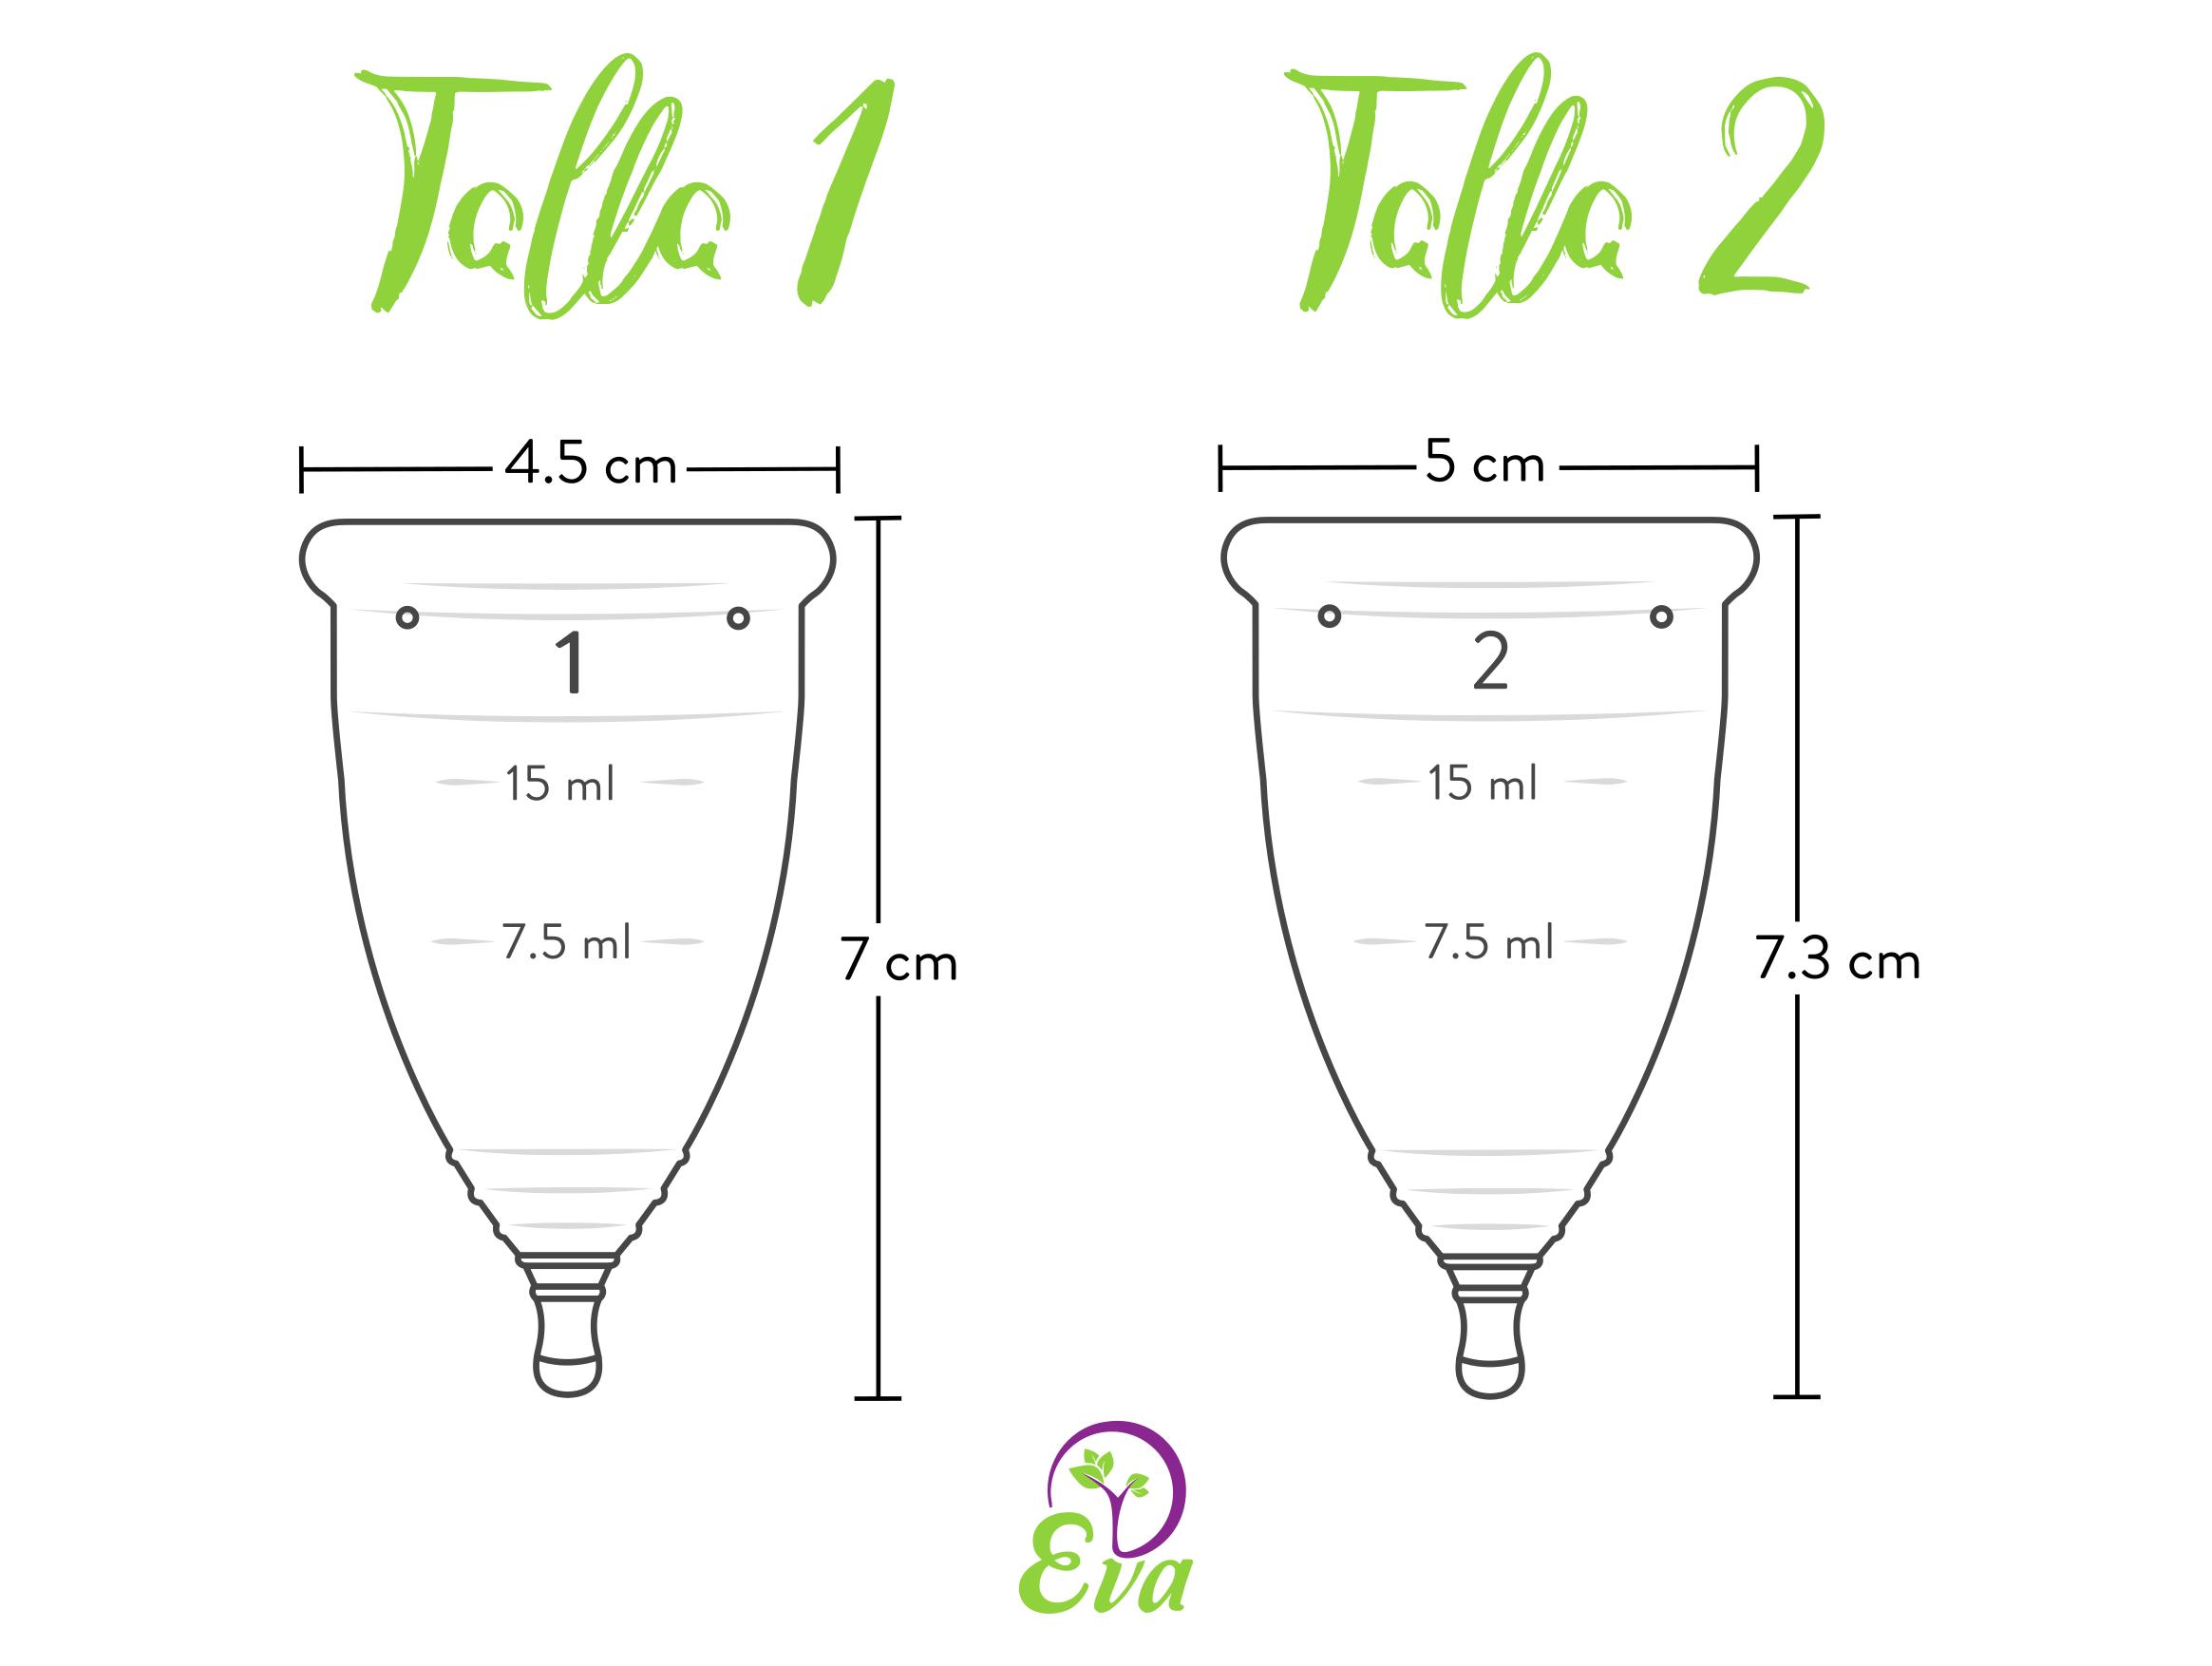 Dimensiones tallas copa menstrual Eva